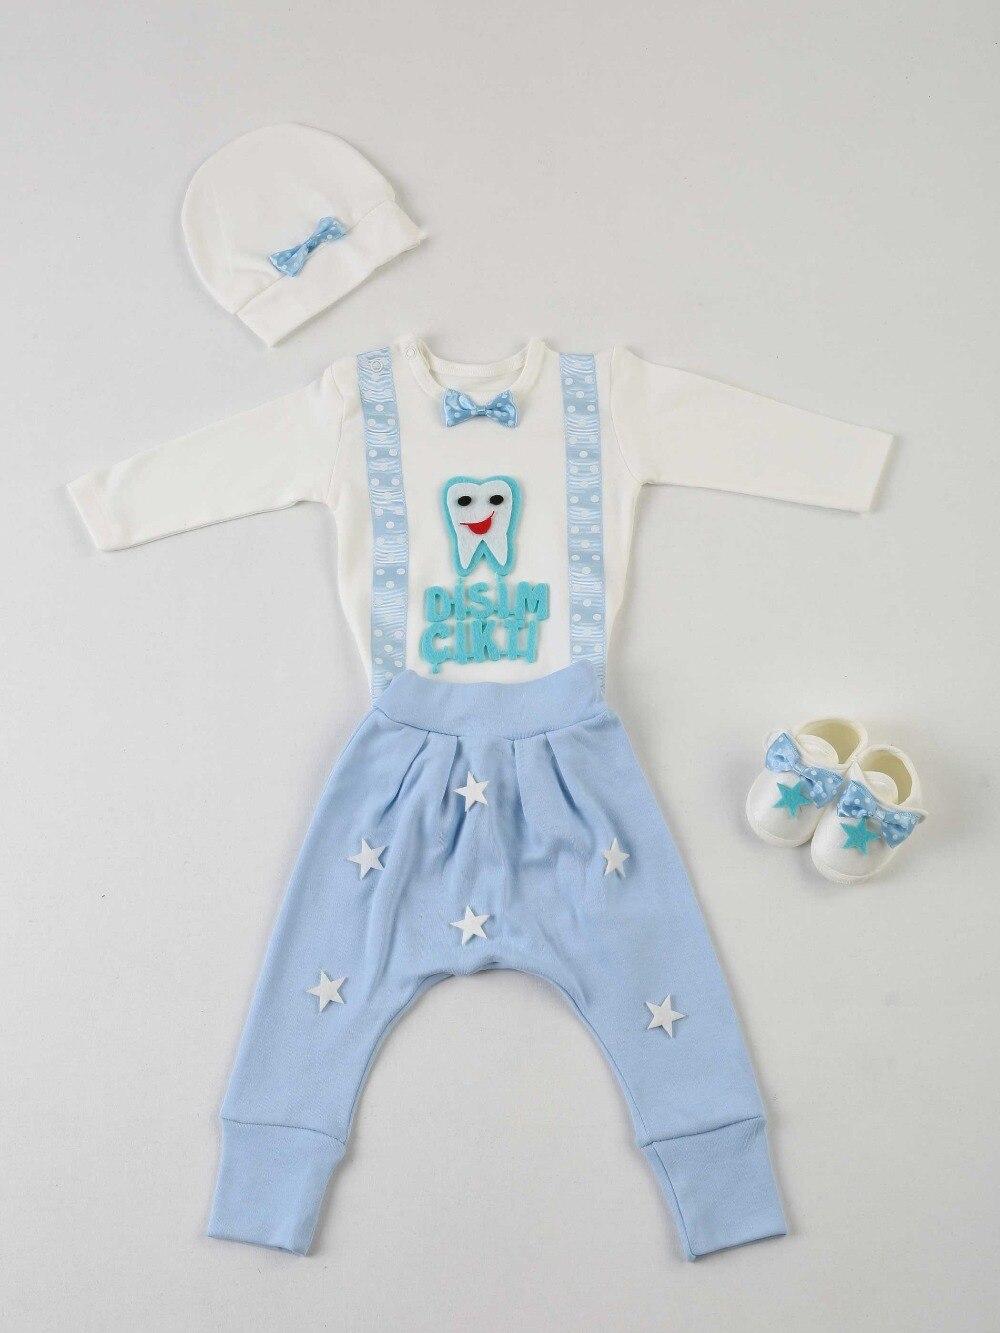 083-1110-015 Mavi Dişim Çıktı 4 lü Bebek Takım (1)